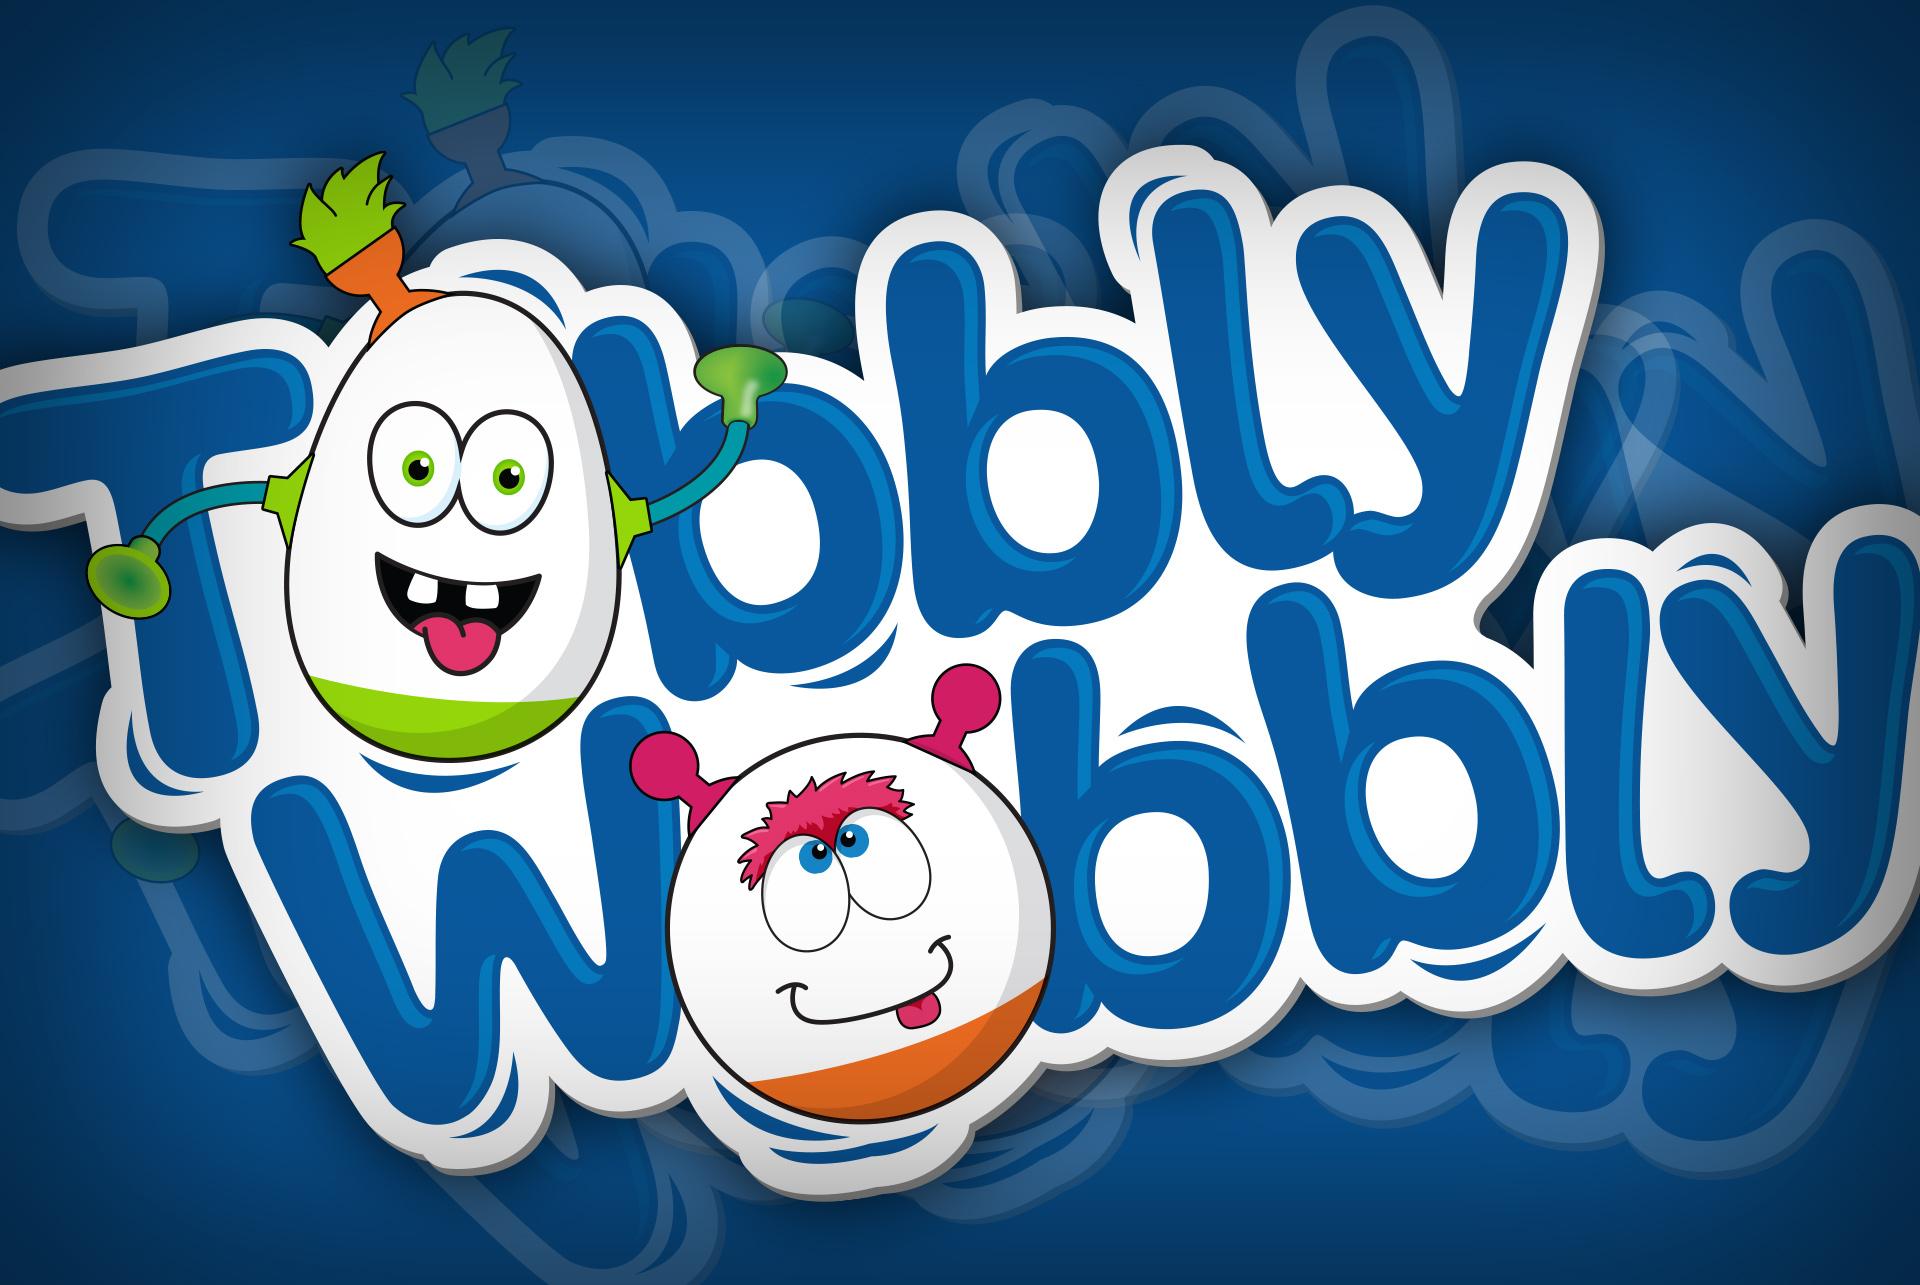 Tobbly Wobbly™